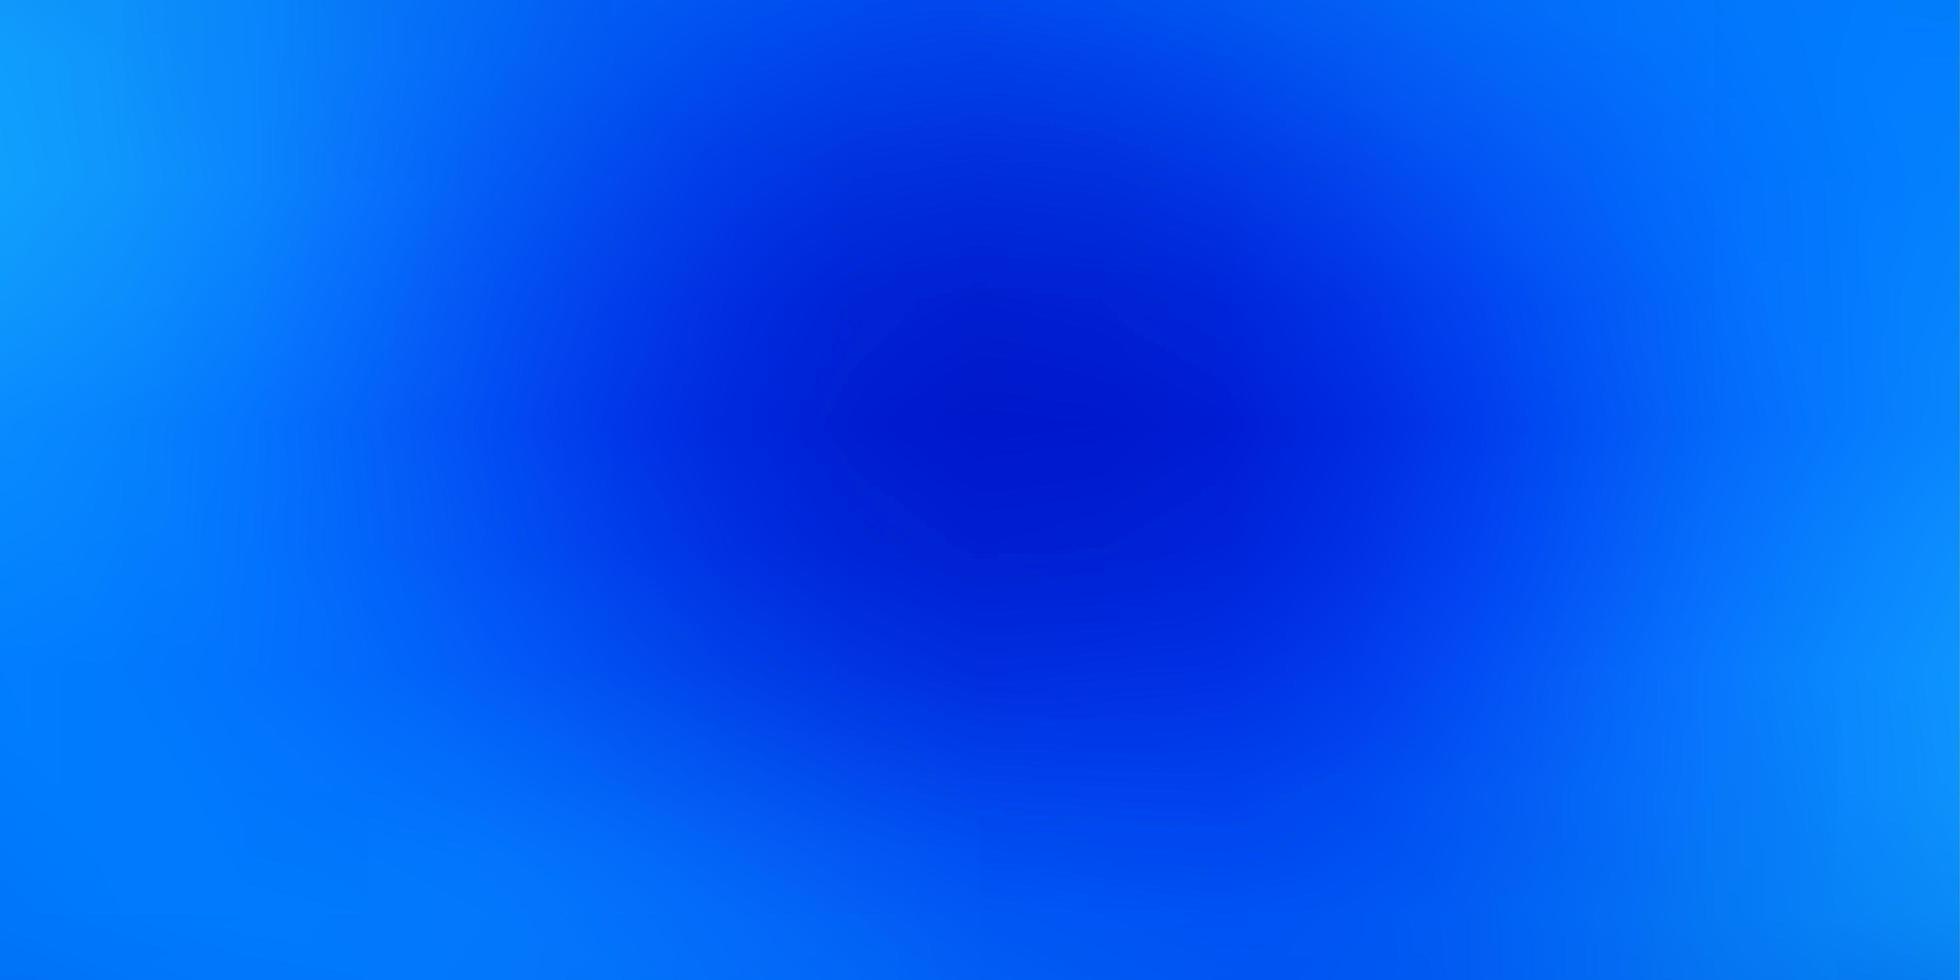 blå abstrakt layout. vektor